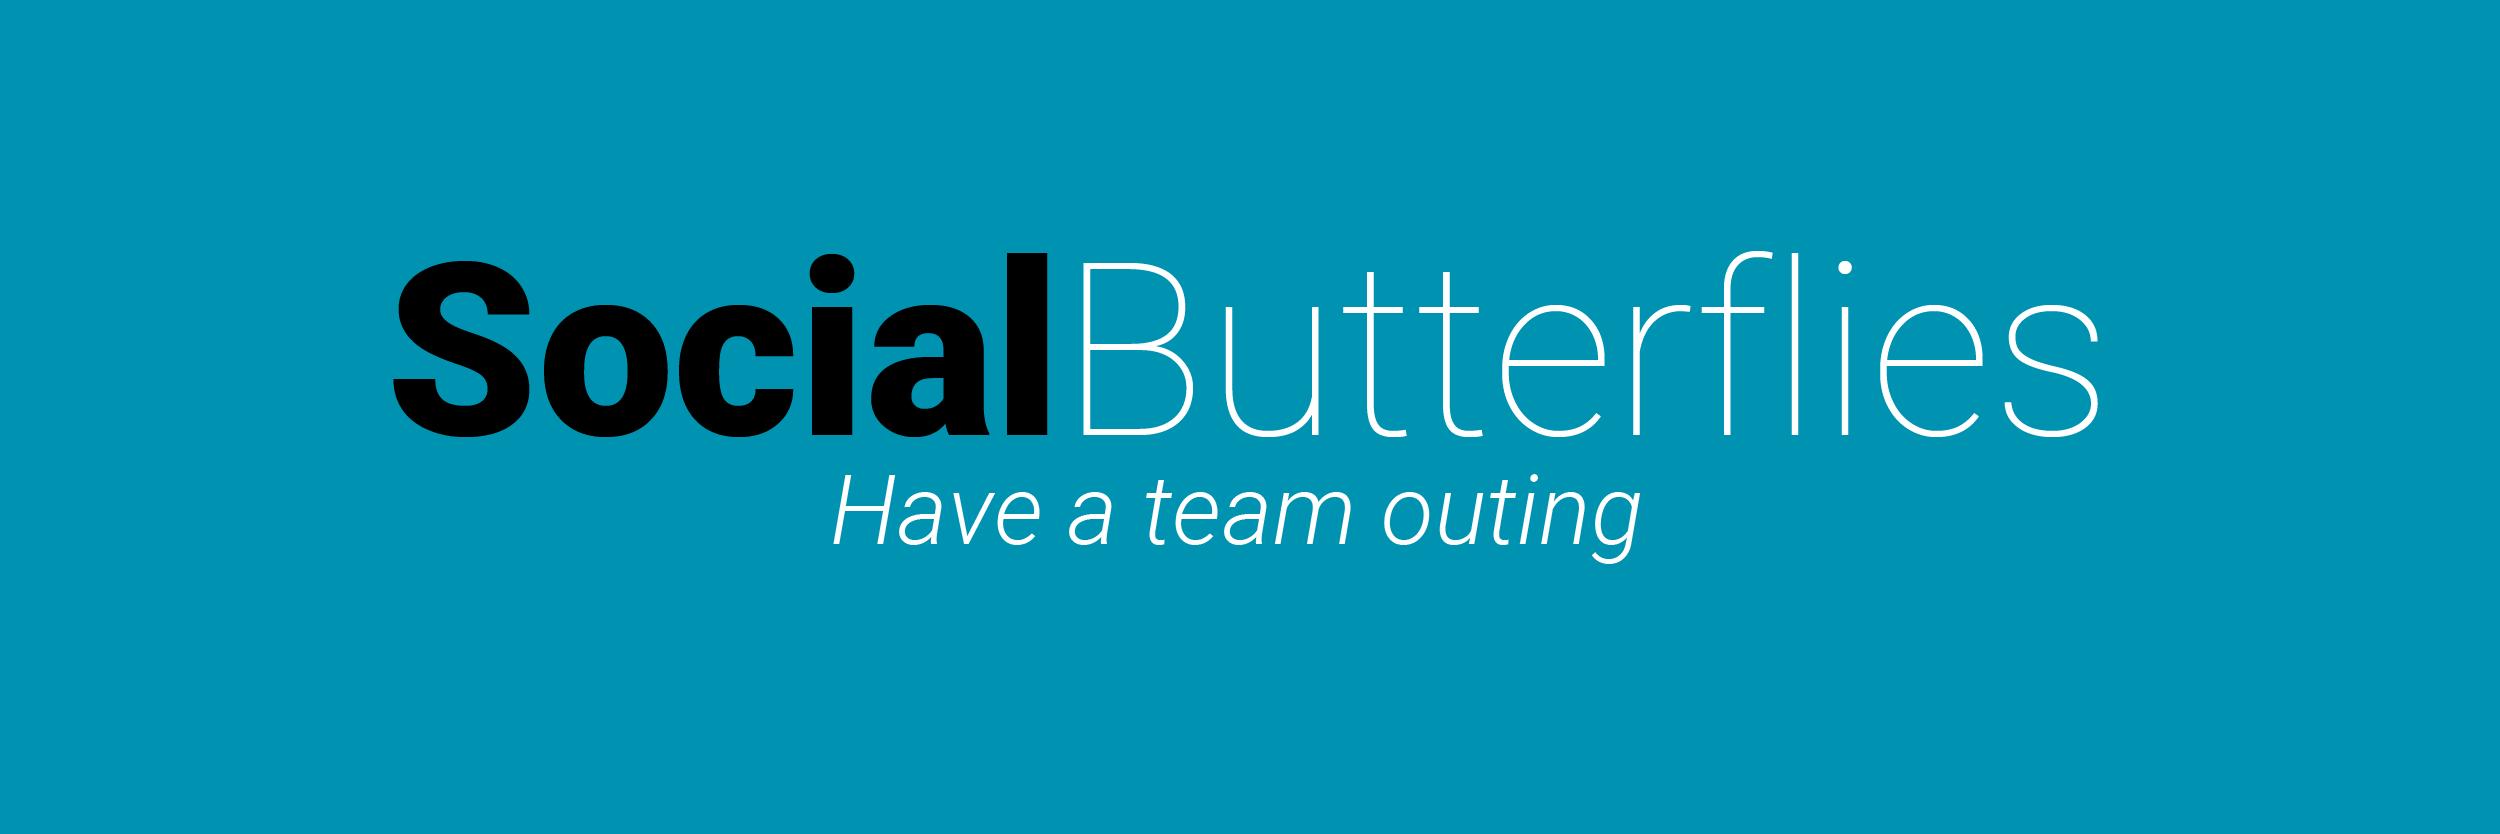 Social Butterflies-01